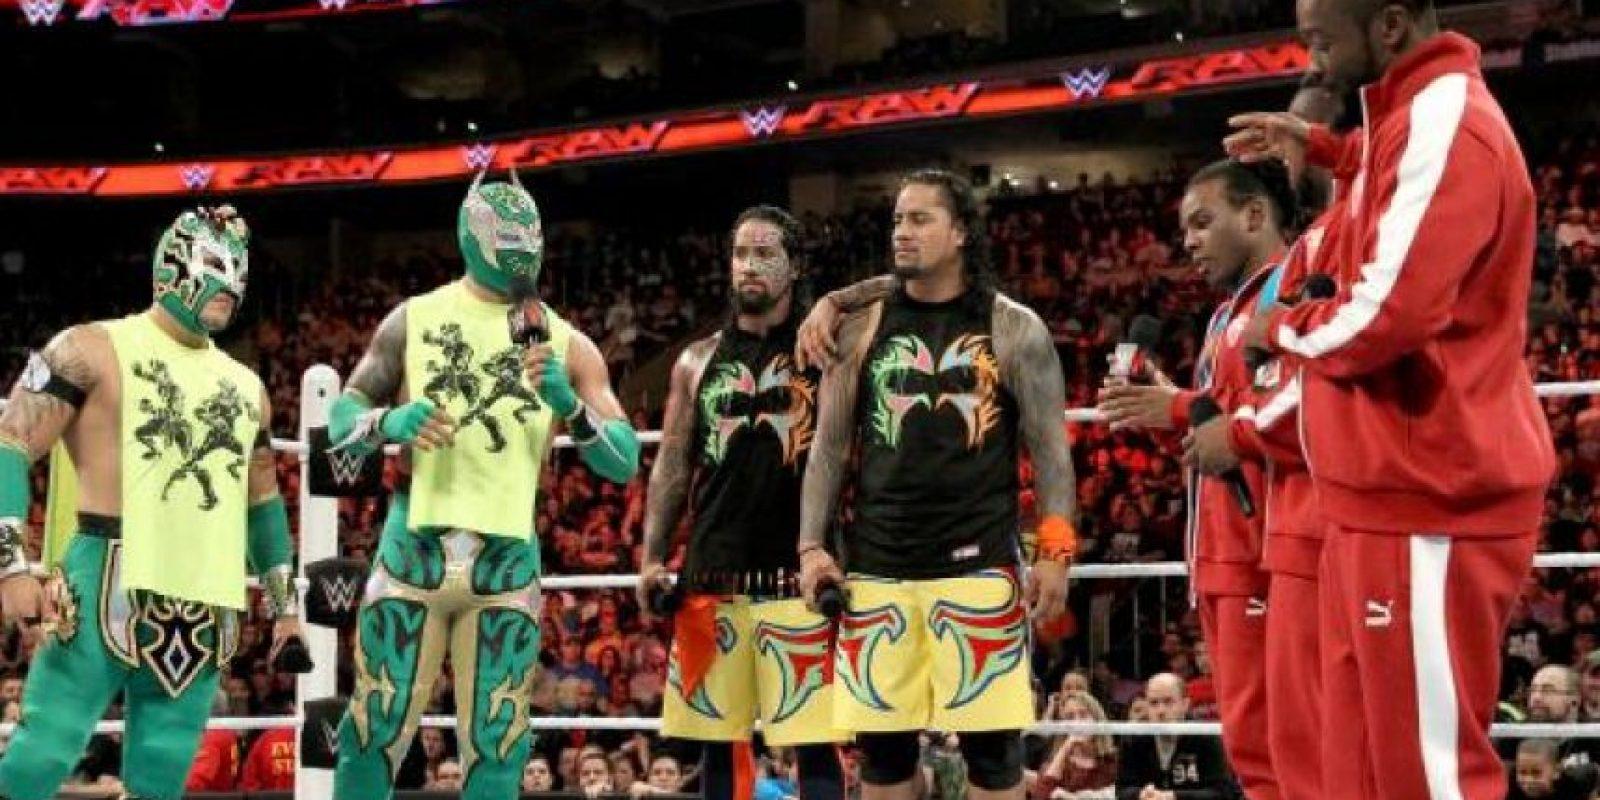 """Sus principales adversarios son """"The Lucha Dragons"""" y """"The Usos"""" Foto:WWE"""